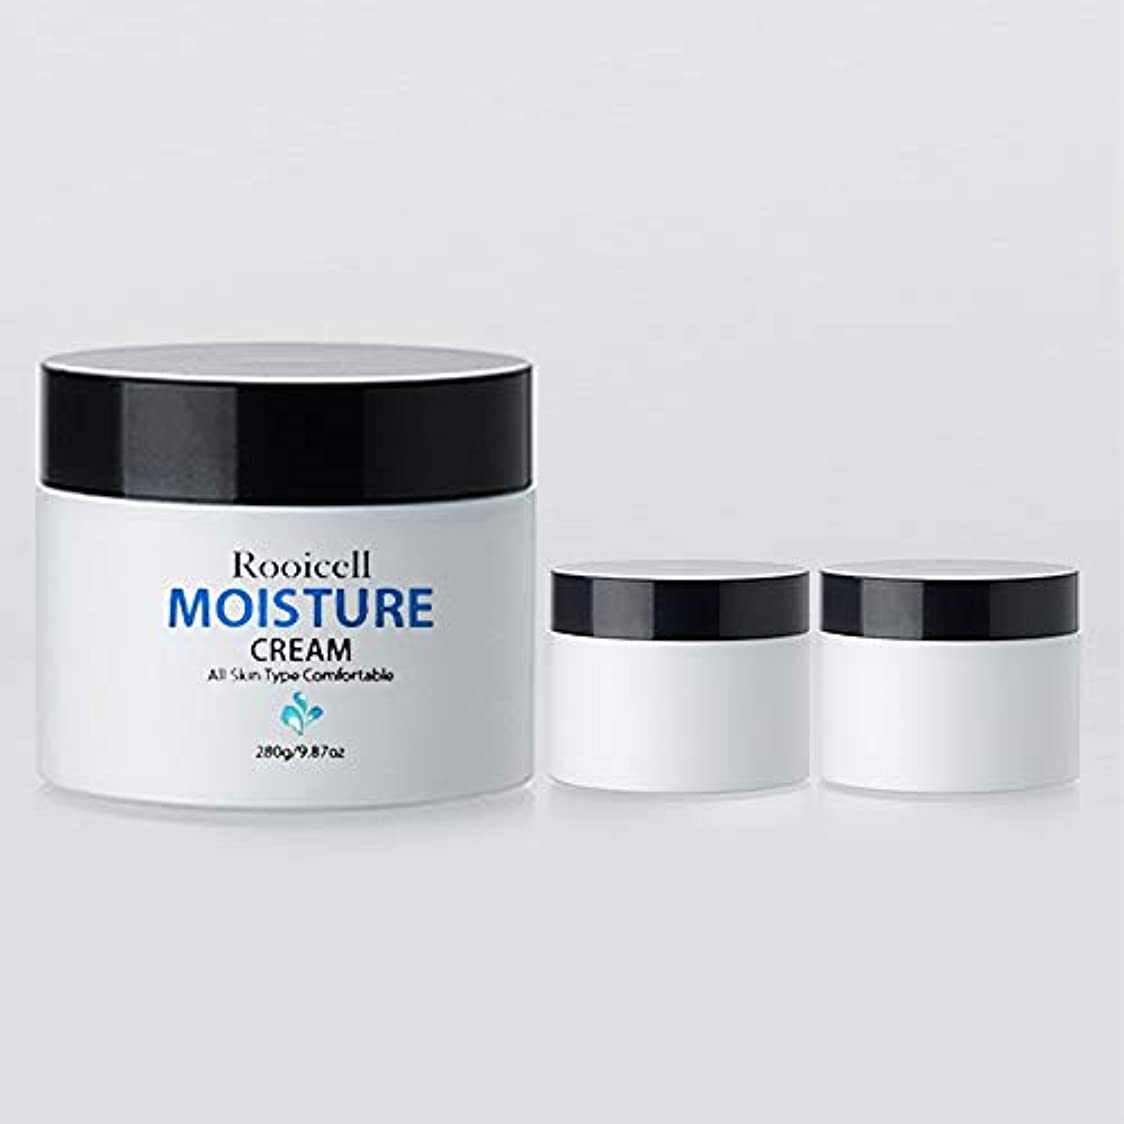 移動無効延期する[ Rooicell ] ルイセル モイスチャークリーム 280g Korea cosmetic (moisture cream 280g)